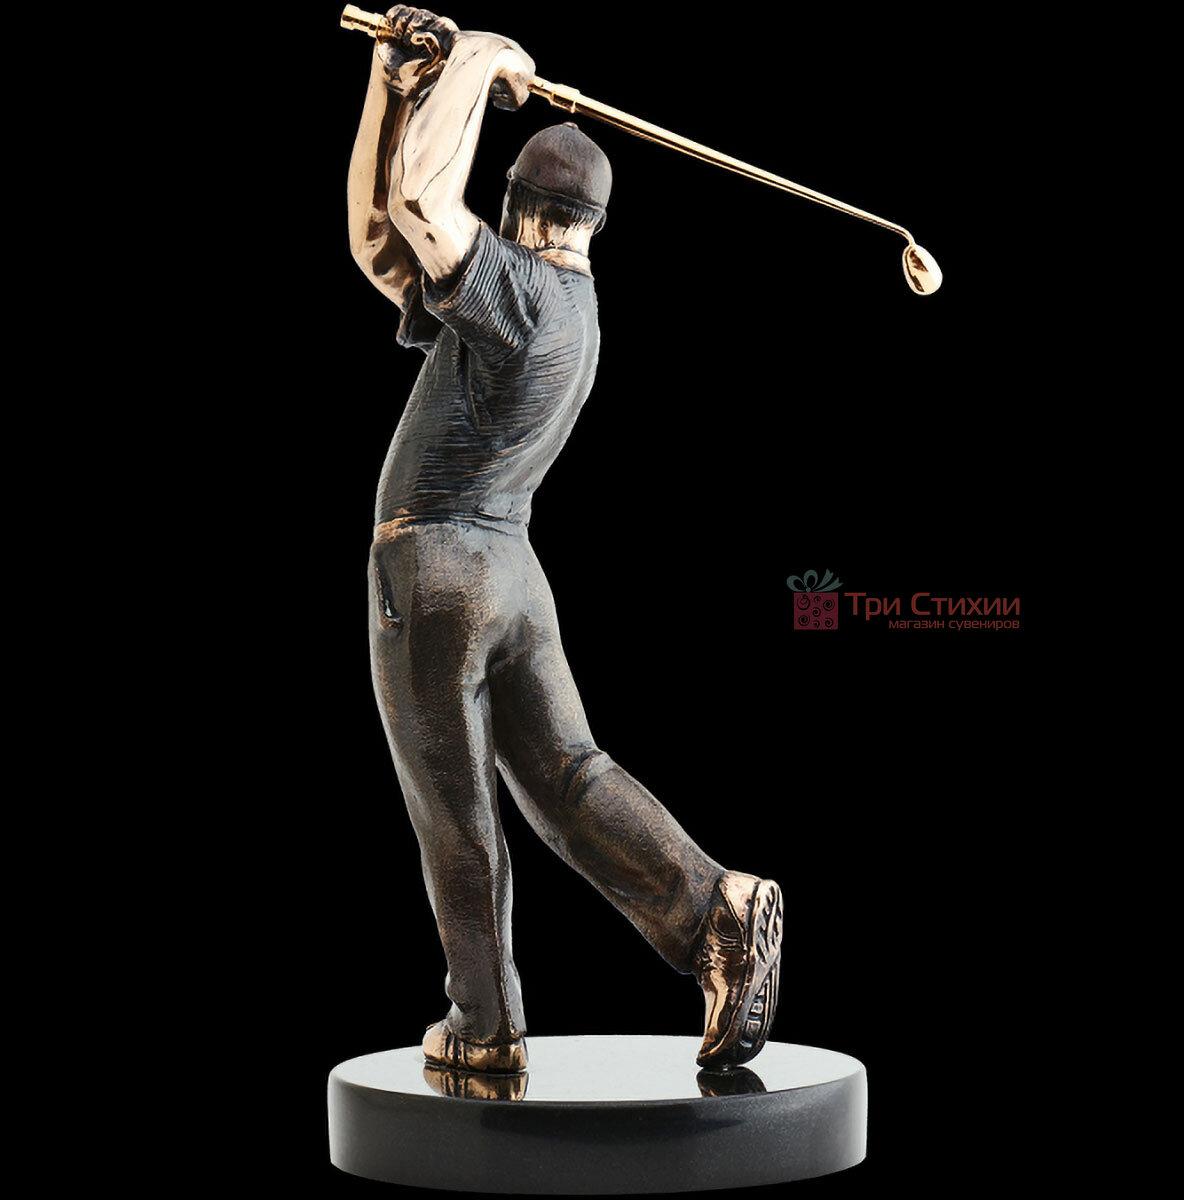 Статуетка з бронзи Гравець в гольф Vizuri (Візурі) S01, фото 4